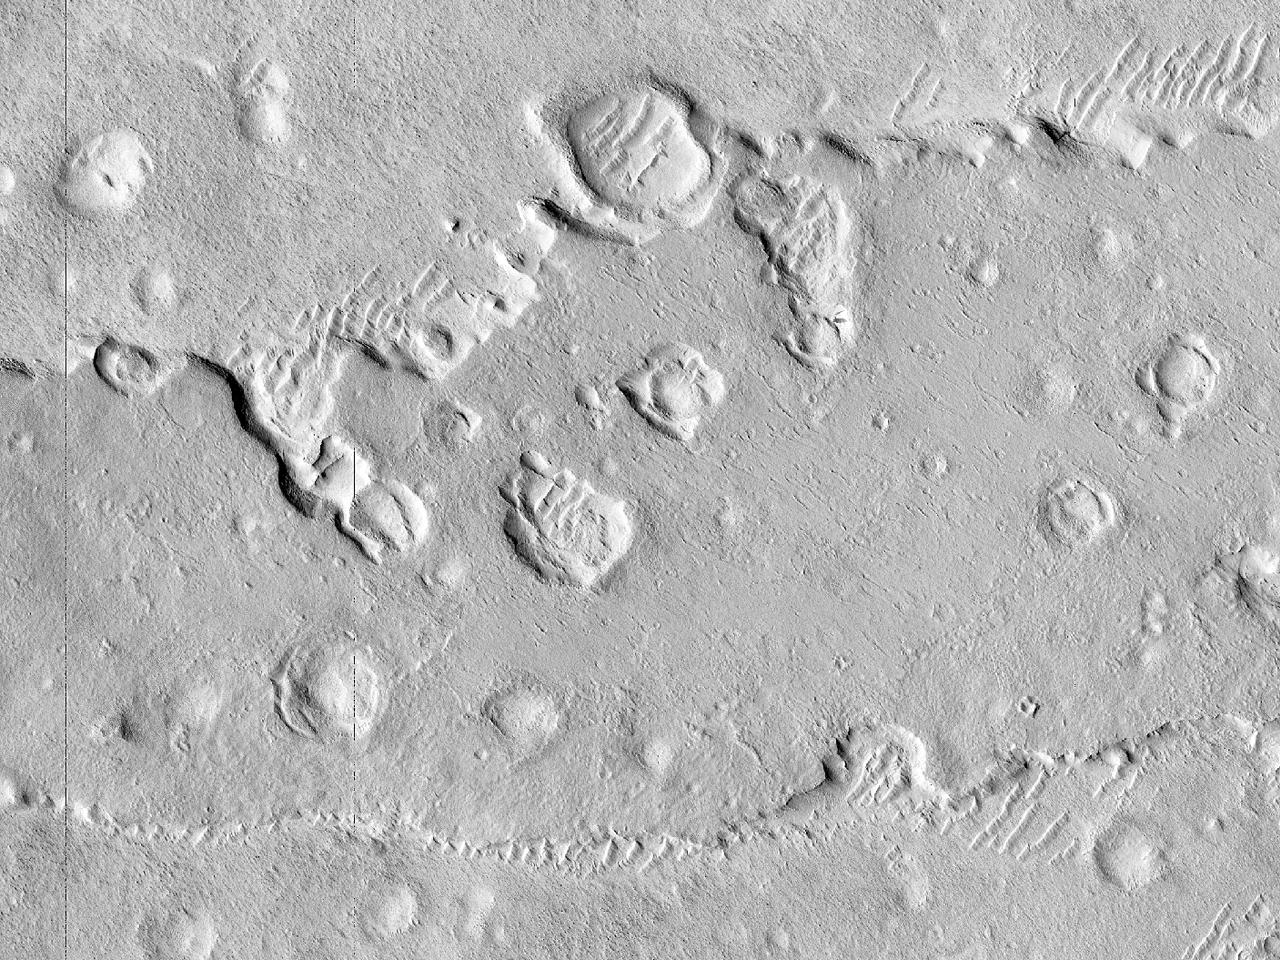 Pianure settentrionali craterizzate